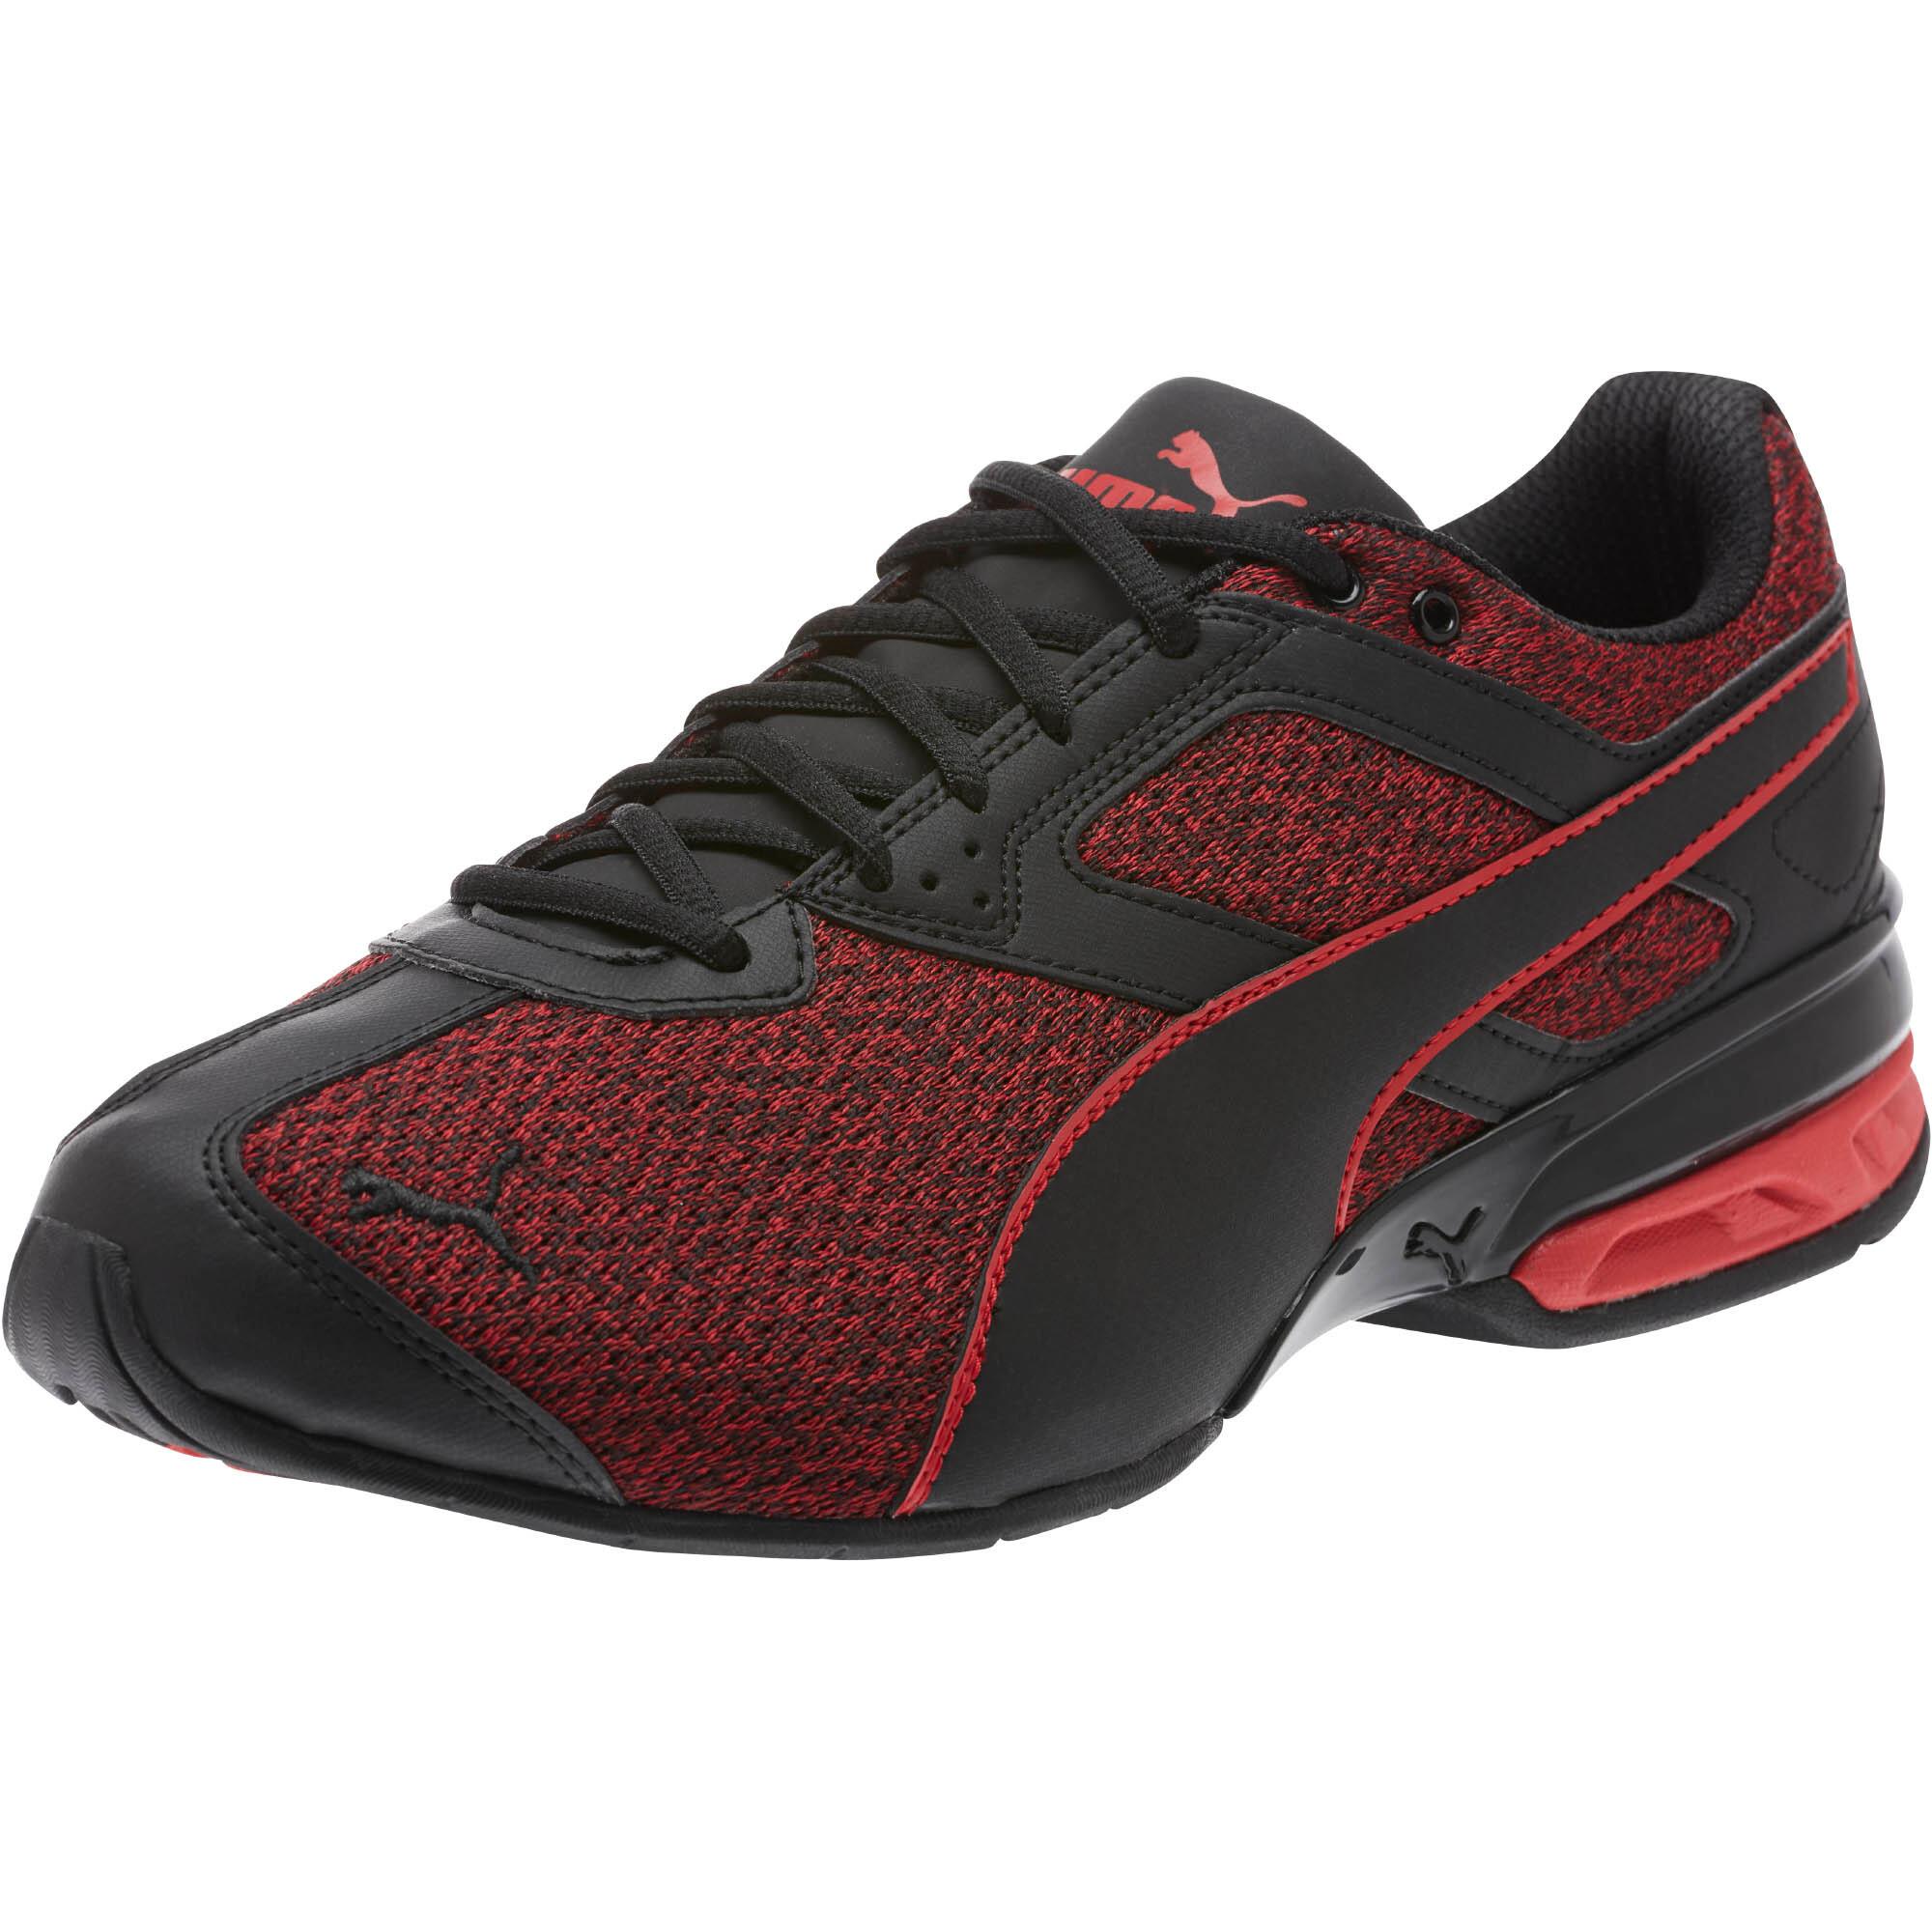 Puma-Tazon-6-Lavorato-a-Maglia-Uomo-Scarpe-da-ginnastica-Uomo-scarpa-in-esecuzione miniatura 4